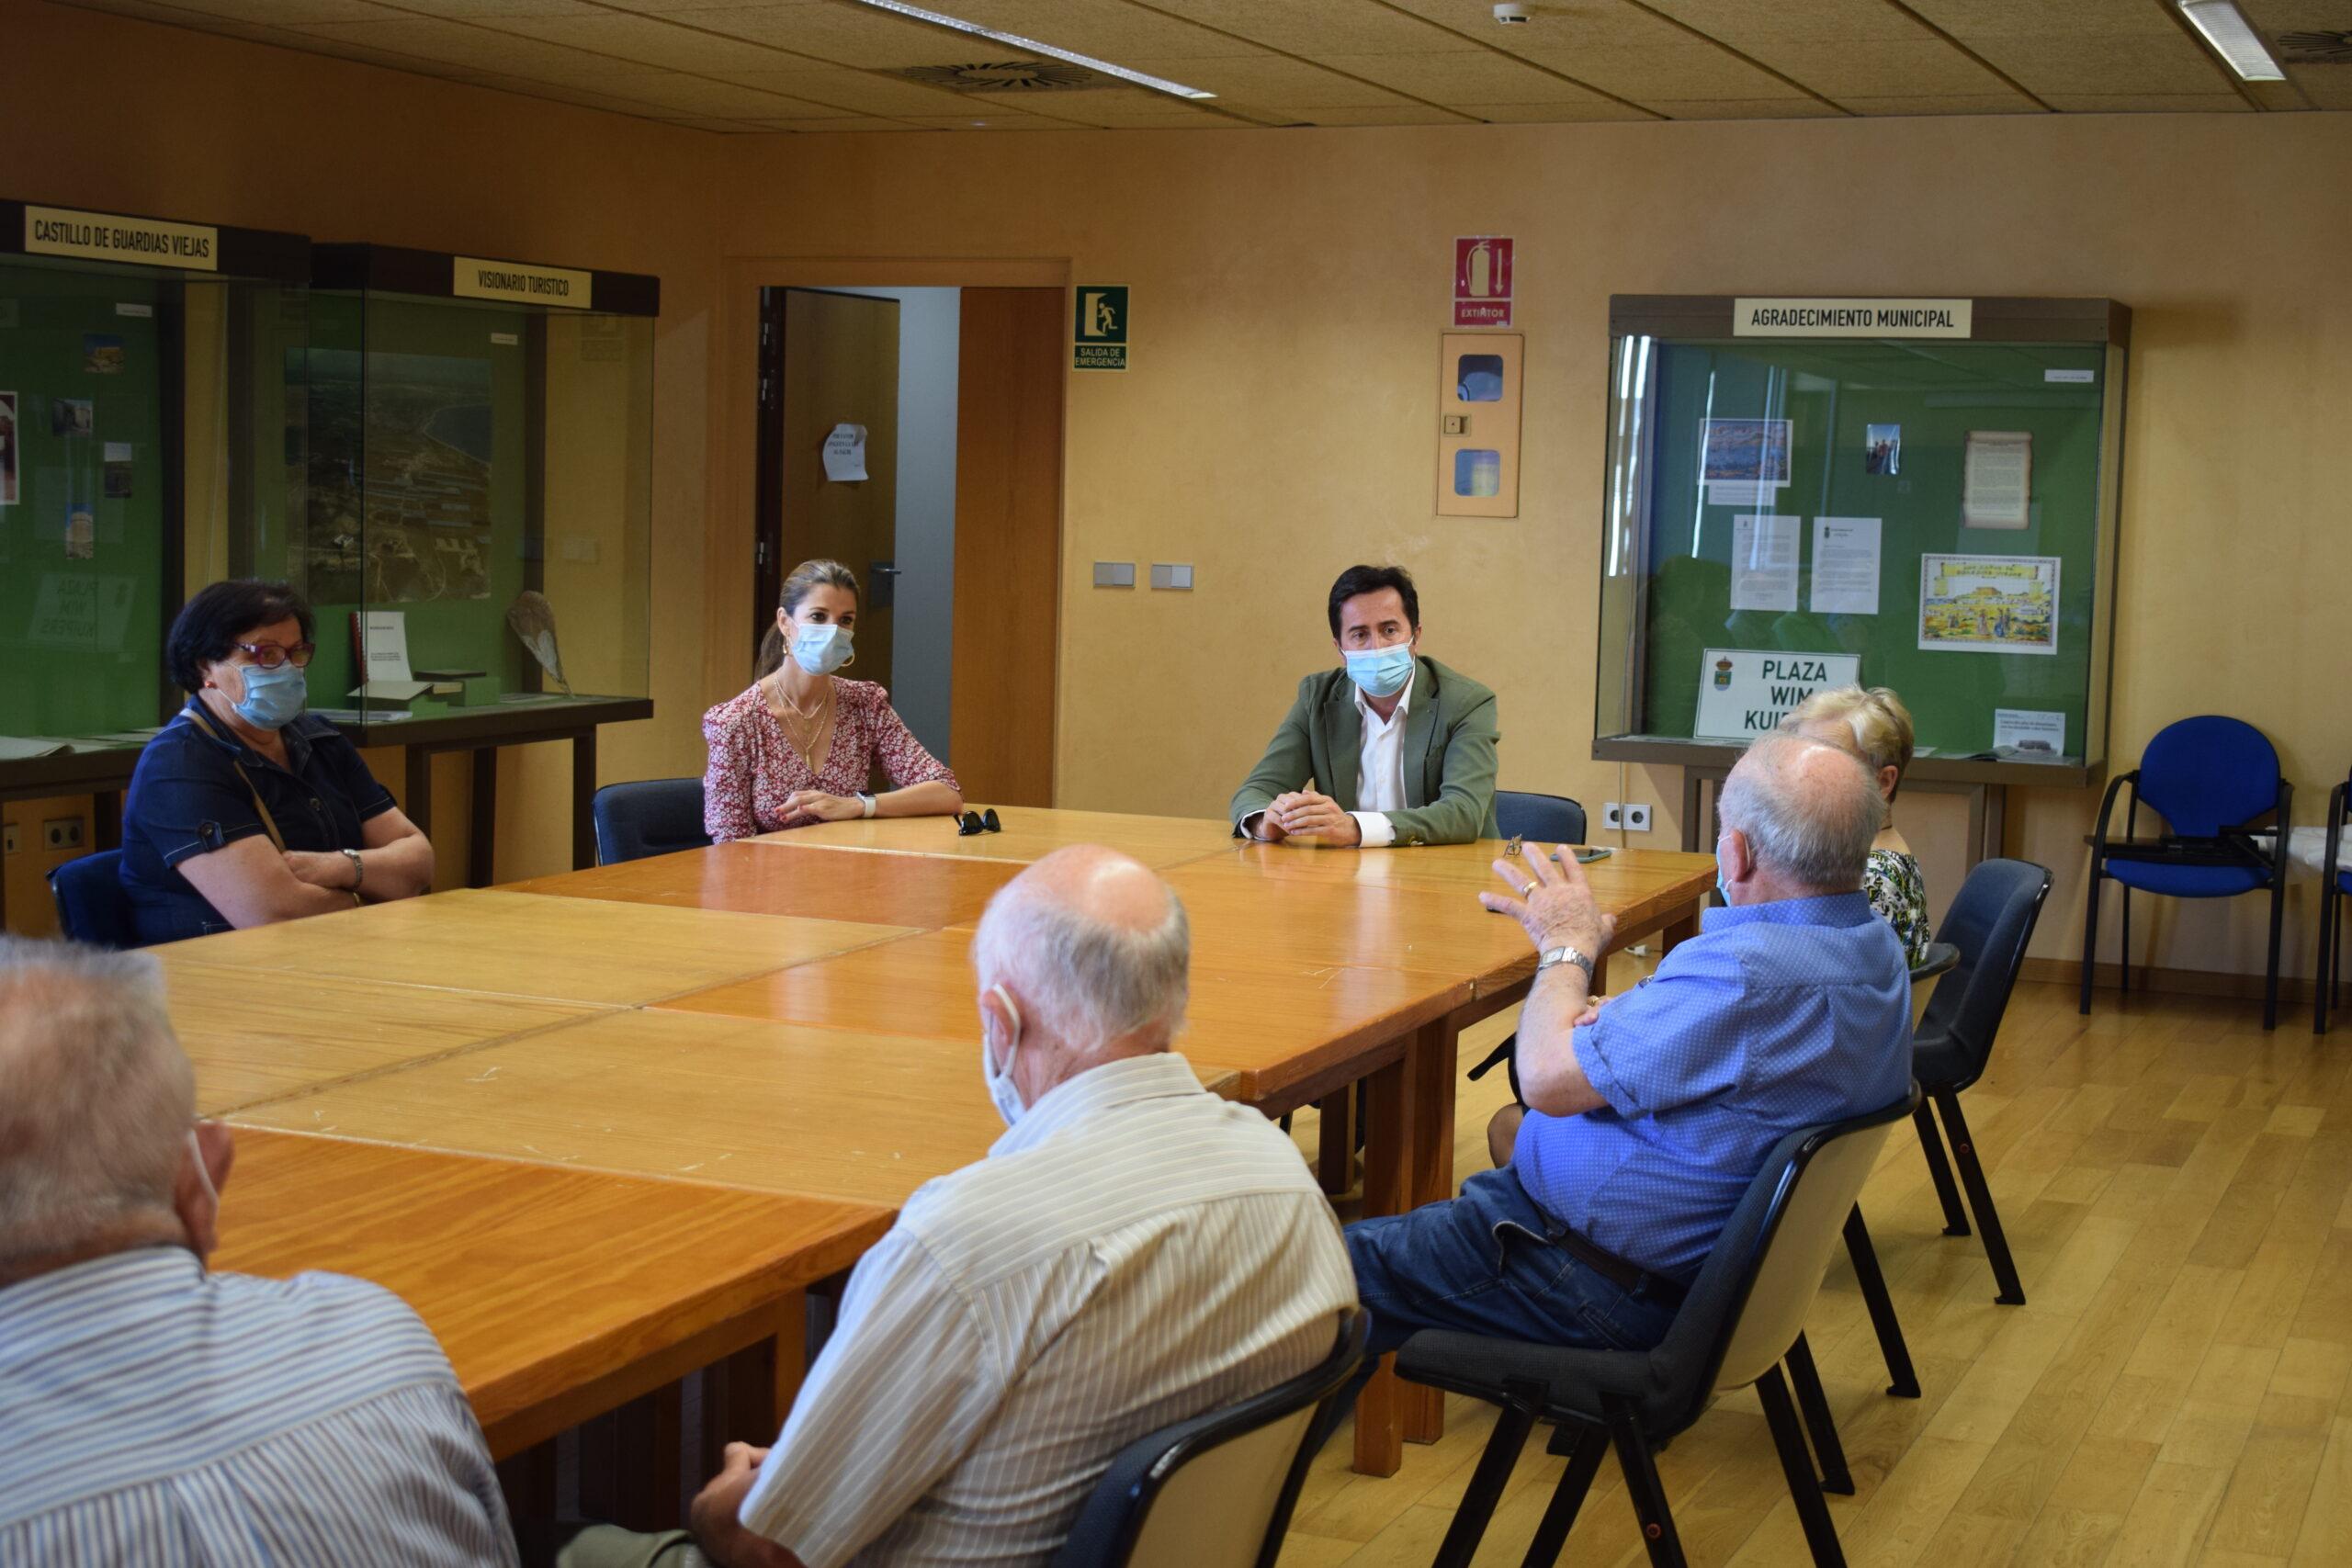 El Ayuntamiento continúa con programas destinados a fomentar el envejecimiento activo entre los mayores